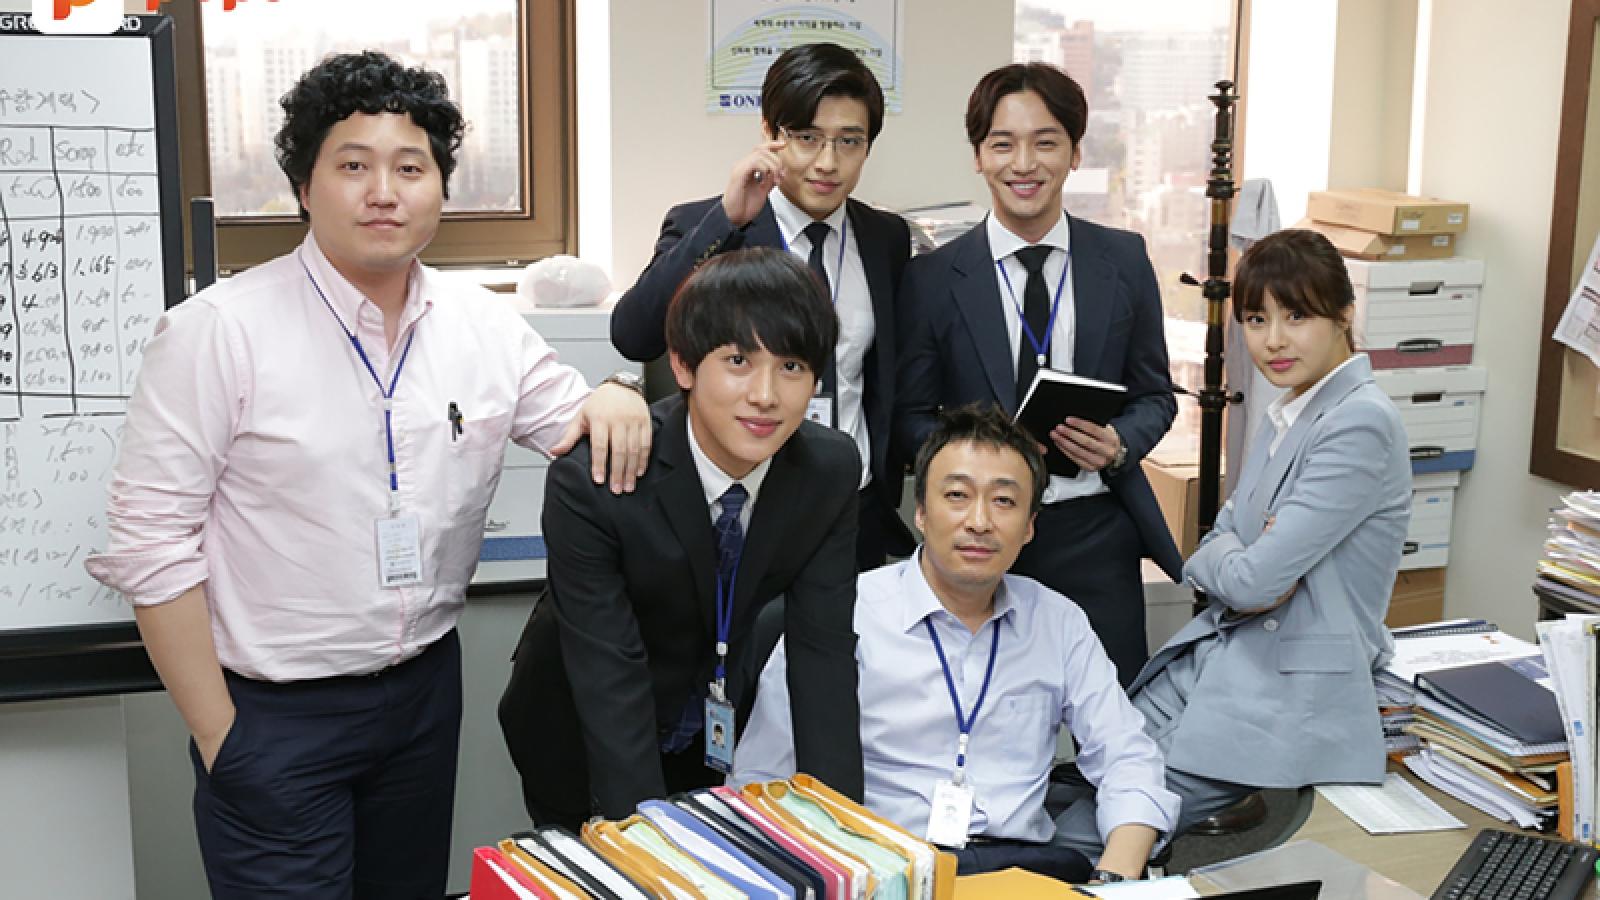 """6 điện ảnh xứ Hàn """"bất tử"""" theo thời gian, quy tụ toàn """"tình đầu quốc dân"""""""